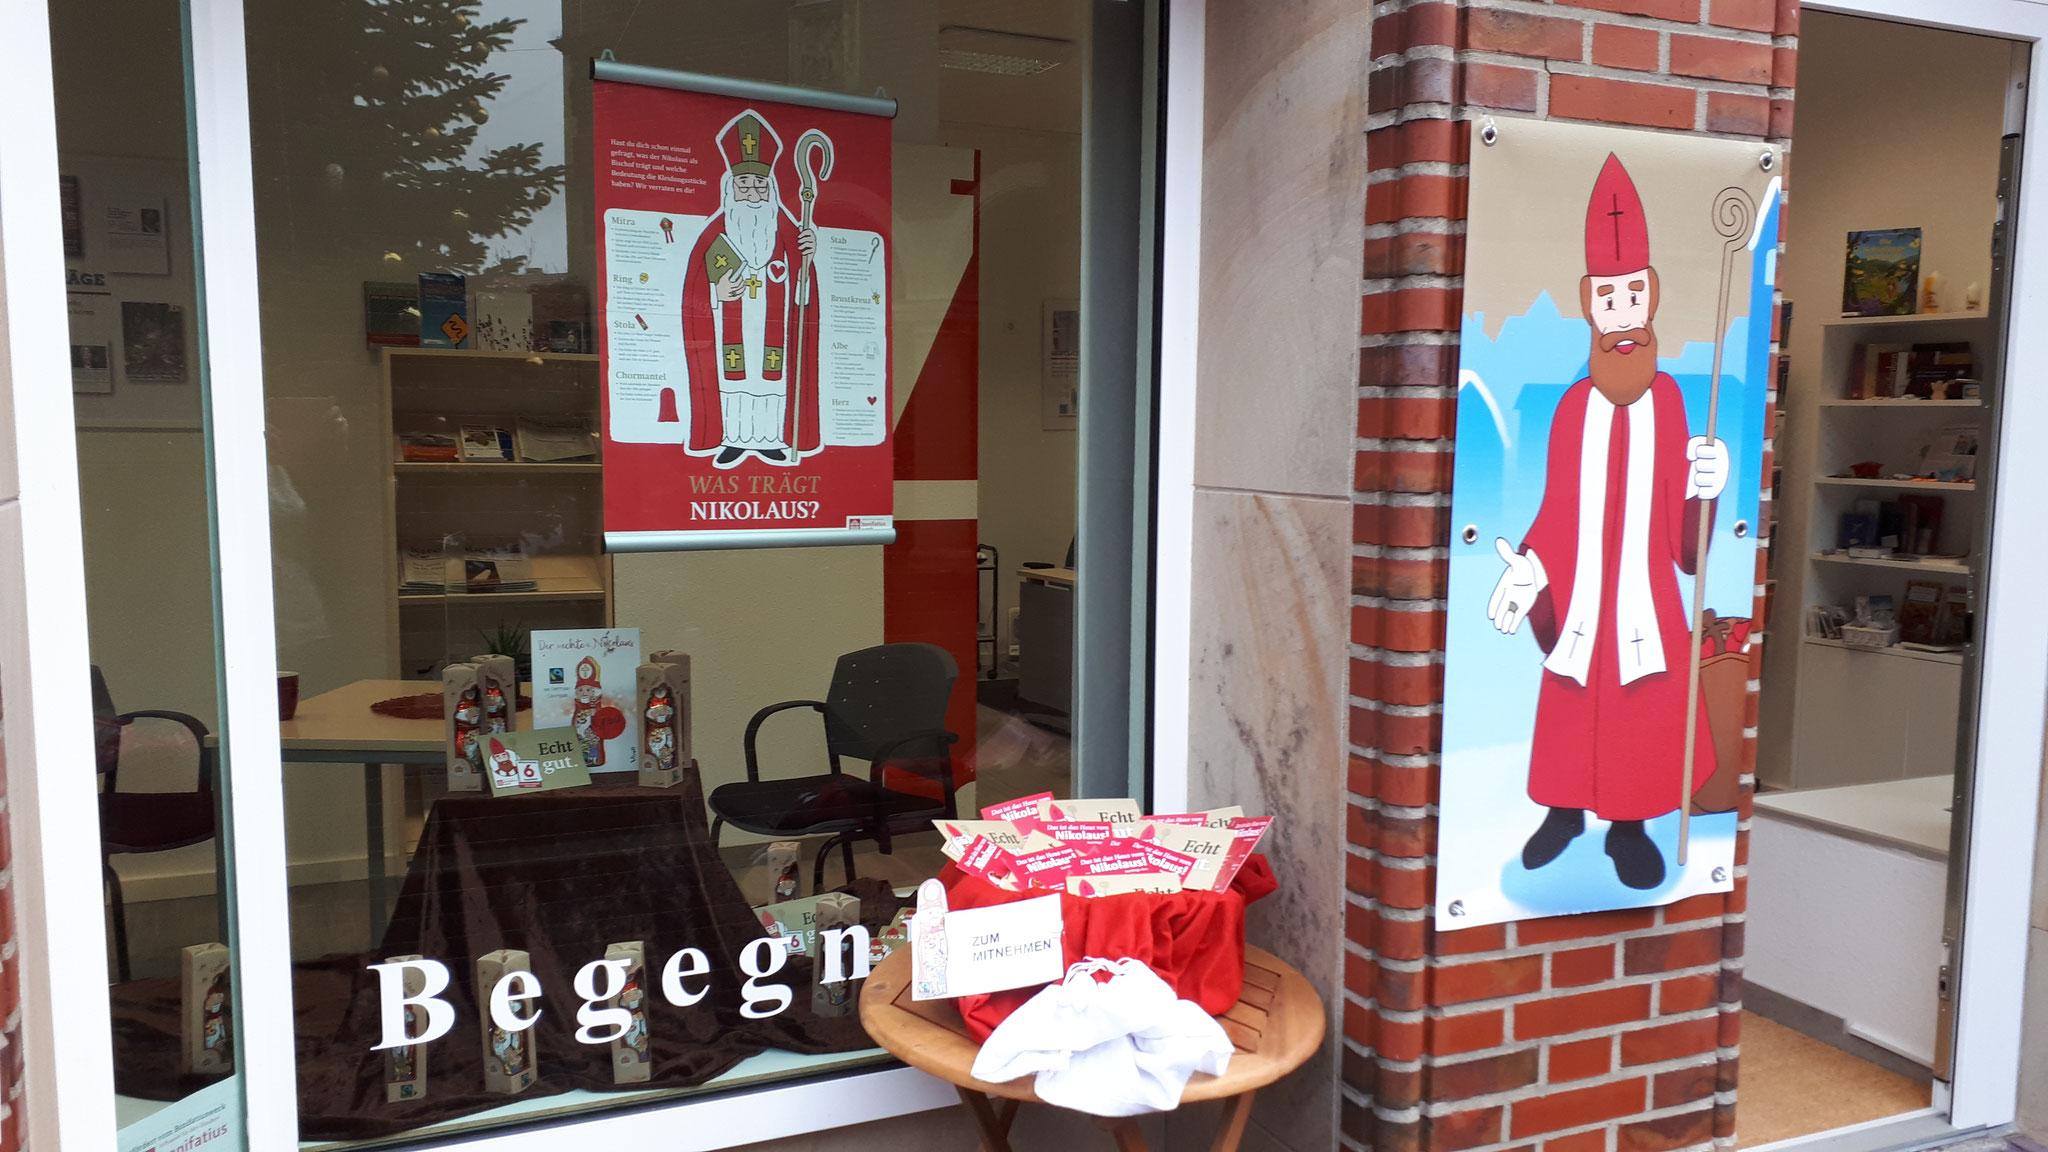 """Vor dem KIM-Laden können Passanten Postkarten mit einem Schoko-Nikolaus und der Heiligenlegende mitnehmen. Im Laden kann der große """"echte"""" Schokoladennikolaus gekauft werden. © Sabine Kuper"""